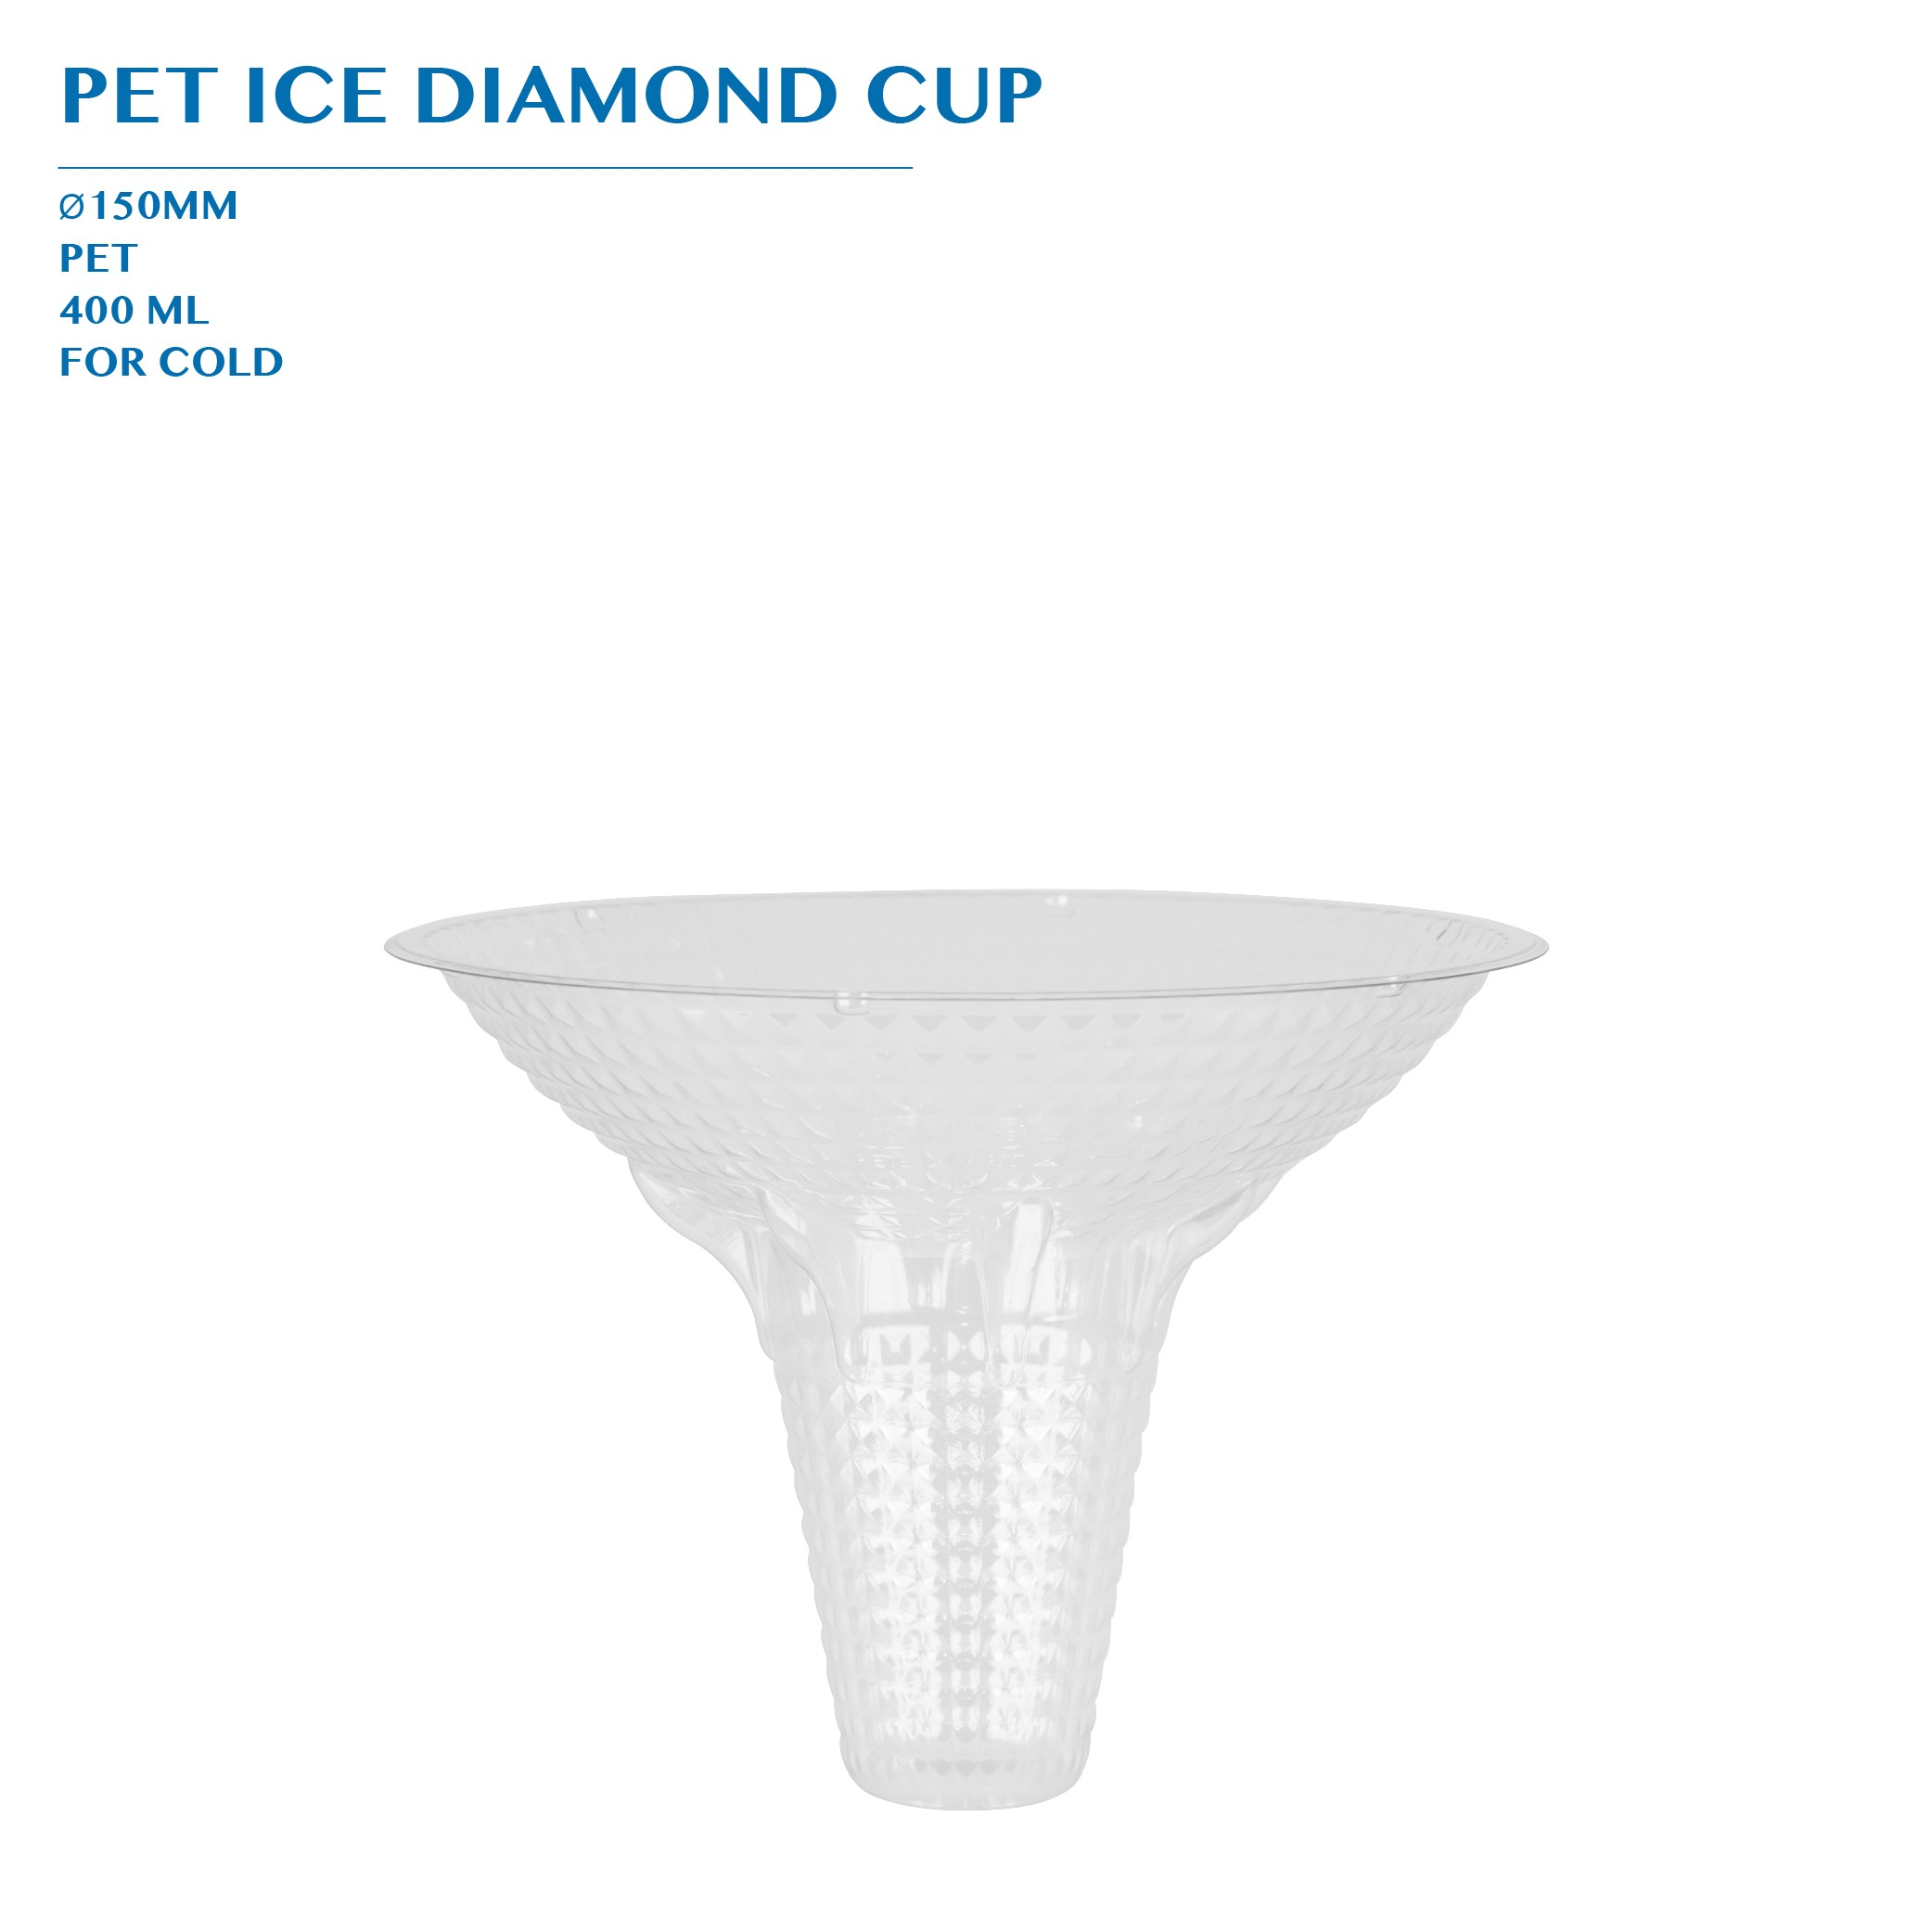 PET ICE DIAMOND CUP 400ML 1000PCS/CTN